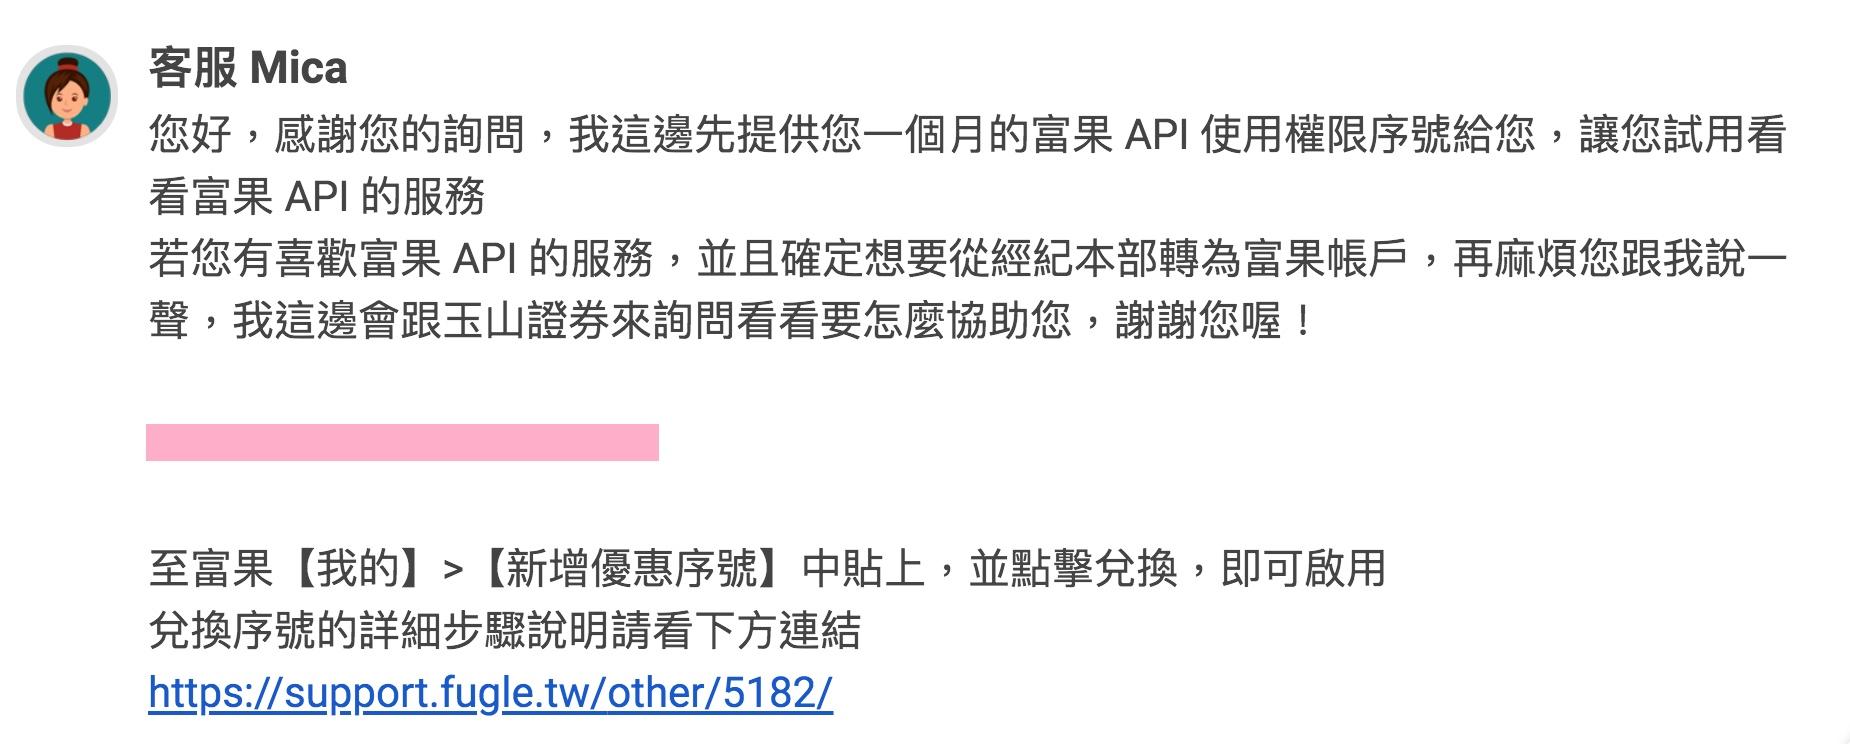 申請玉山證券富果帳戶及台股API常見問題-2